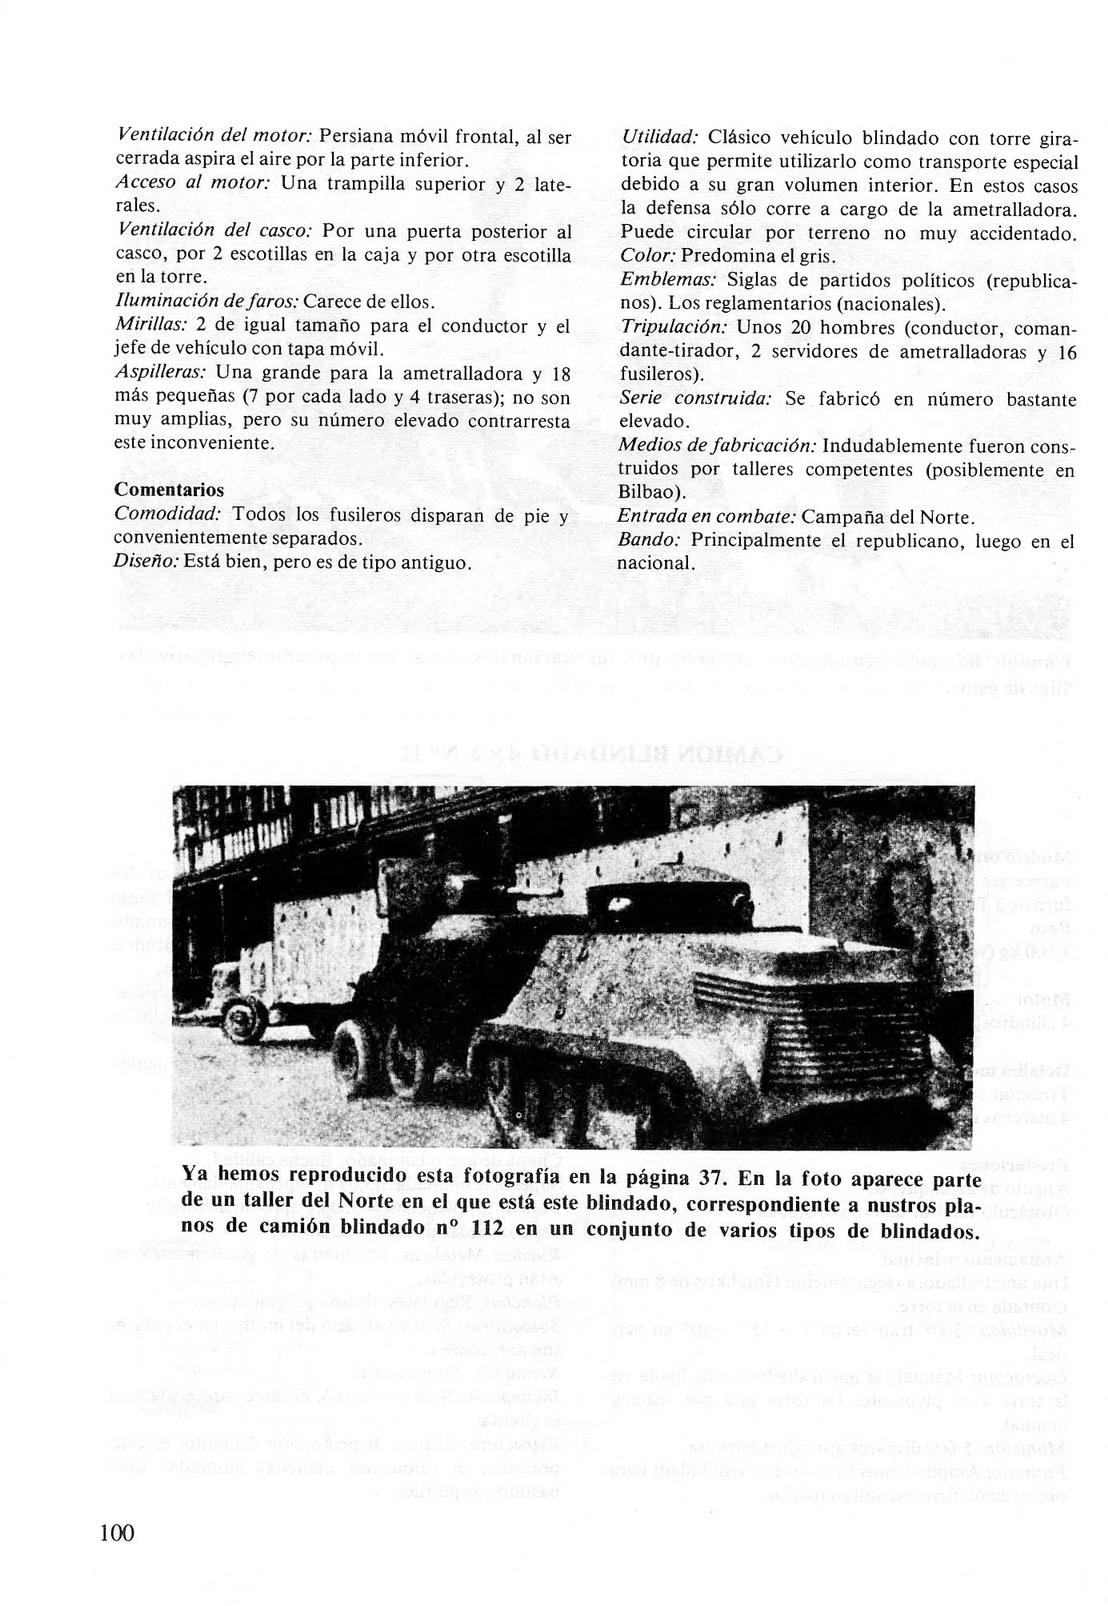 Carros De Combate Y Vehiculos Blindados De La Guerra 1936 1939 [F.C.Albert 1980]_Страница_098.jpg